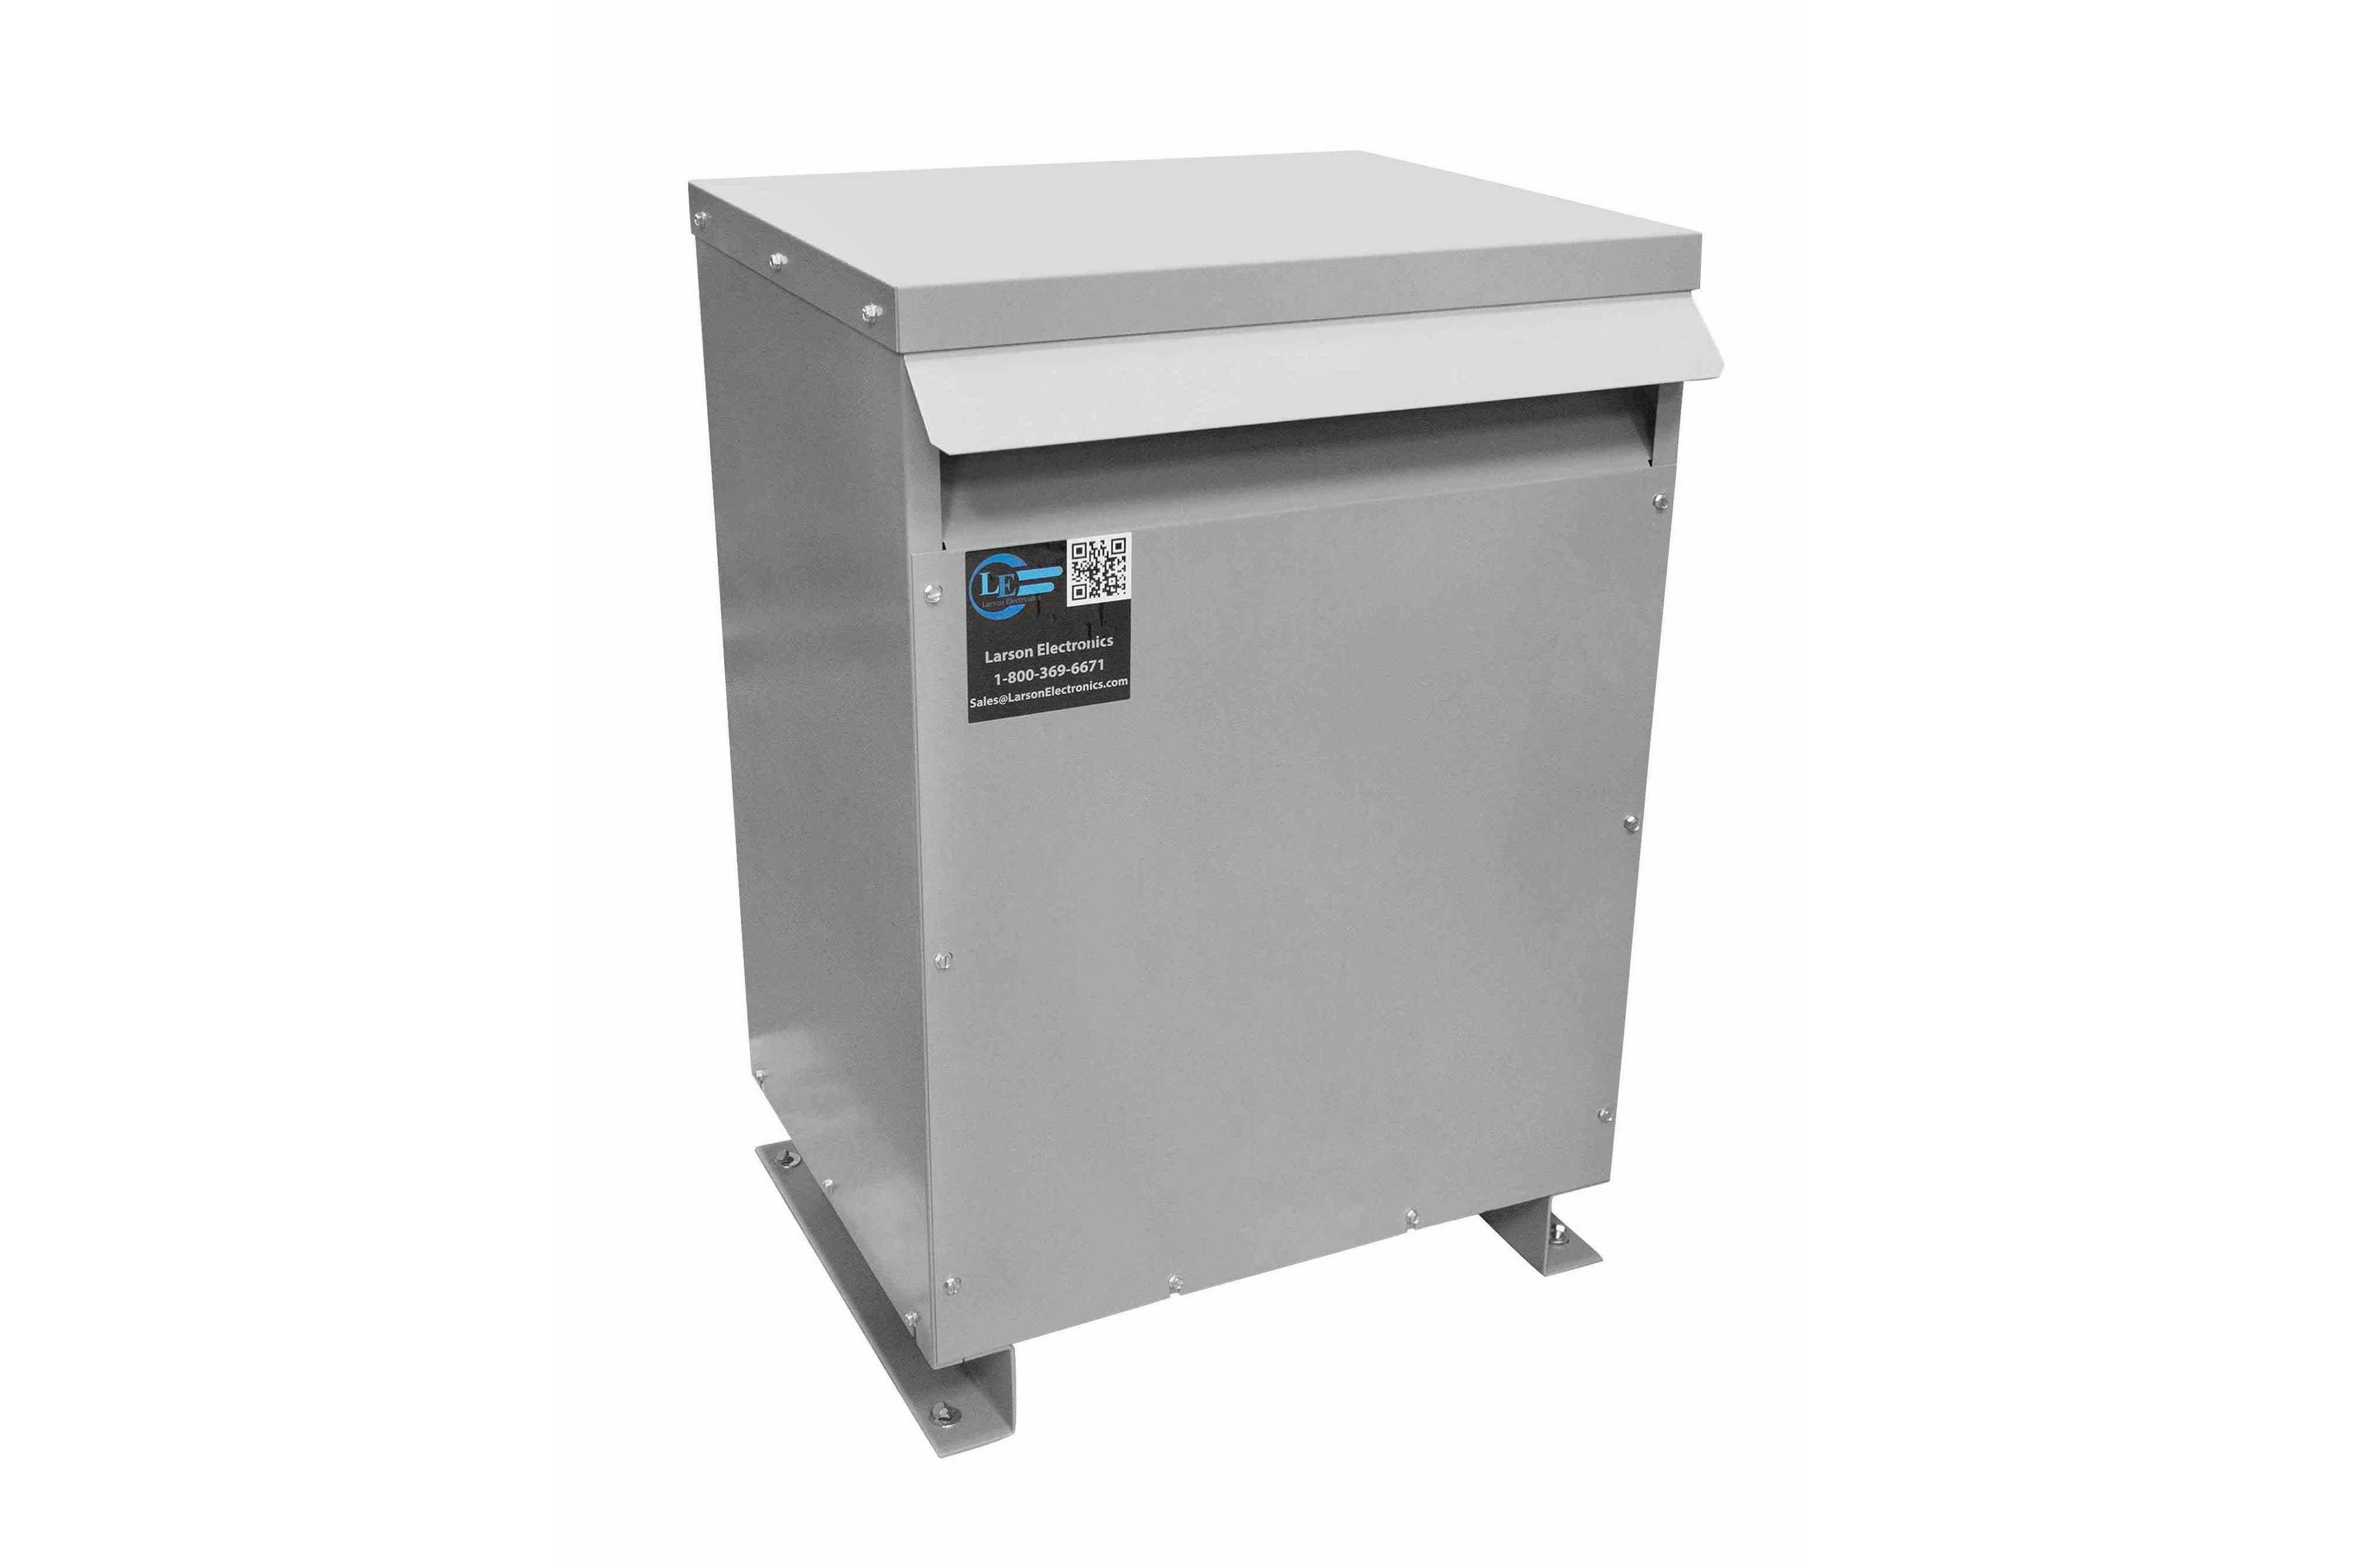 55 kVA 3PH Isolation Transformer, 240V Delta Primary, 480V Delta Secondary, N3R, Ventilated, 60 Hz